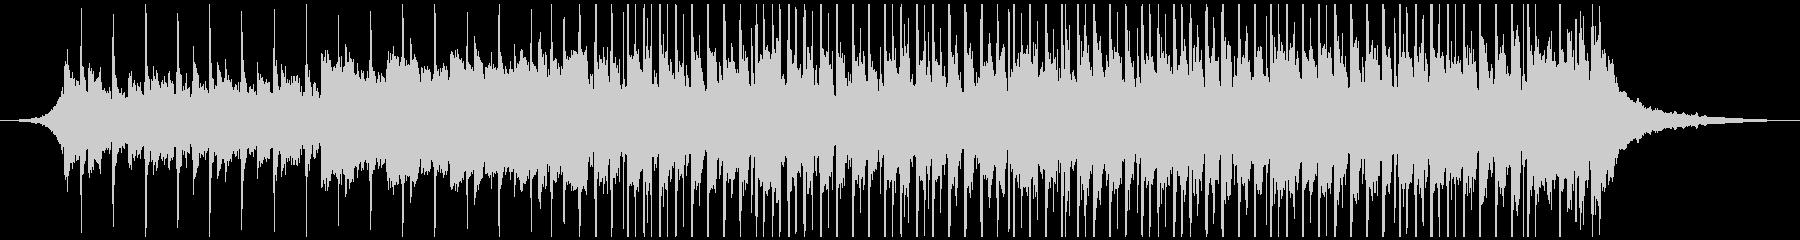 ハッピービートハッピー(55秒)の未再生の波形